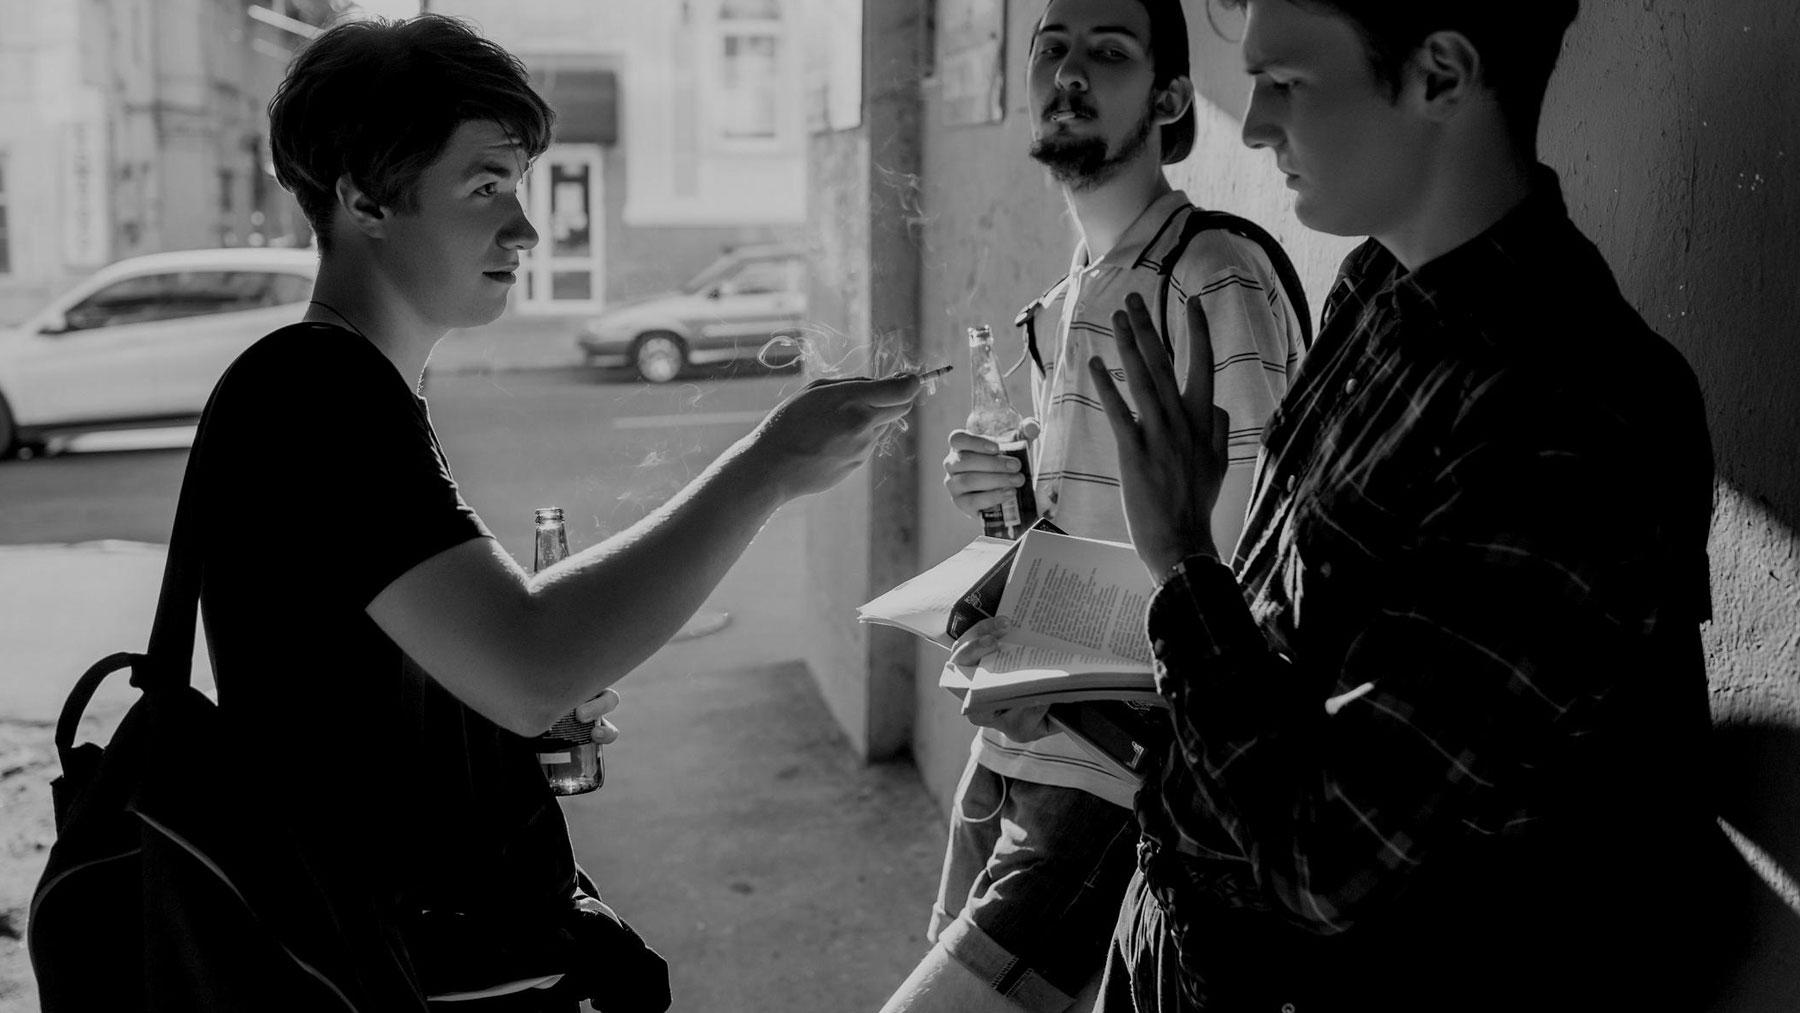 Zwart-wit foto van drie jongens waarvan er twee alcohol drinken en roken. Ze proberen de derde te overhalen om mee te roken.